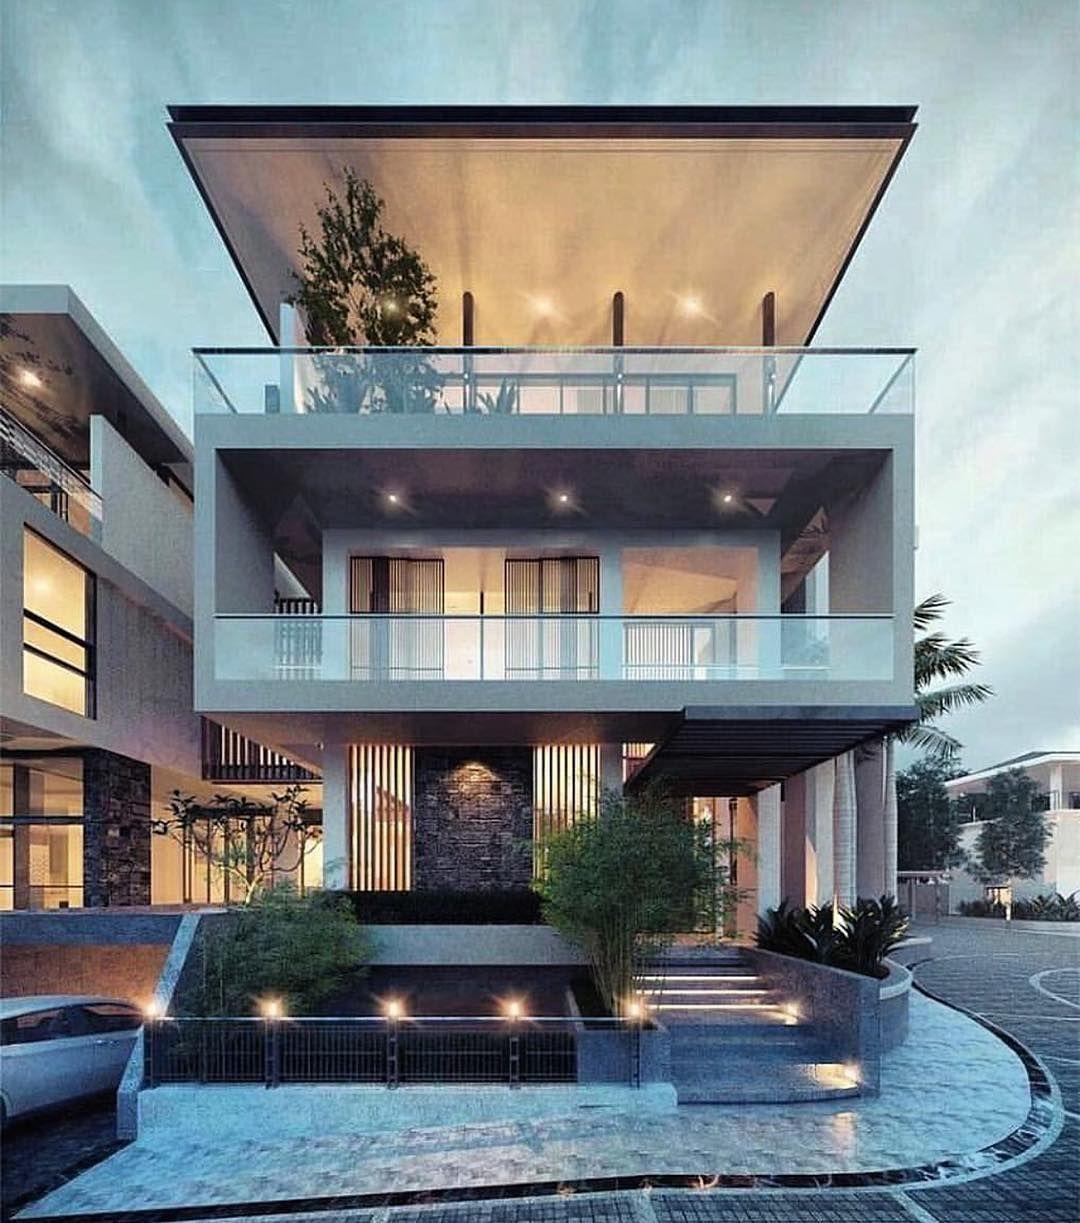 Pin von maliq auf Modern houses | Pinterest | Luxus, Lebensstil und ...